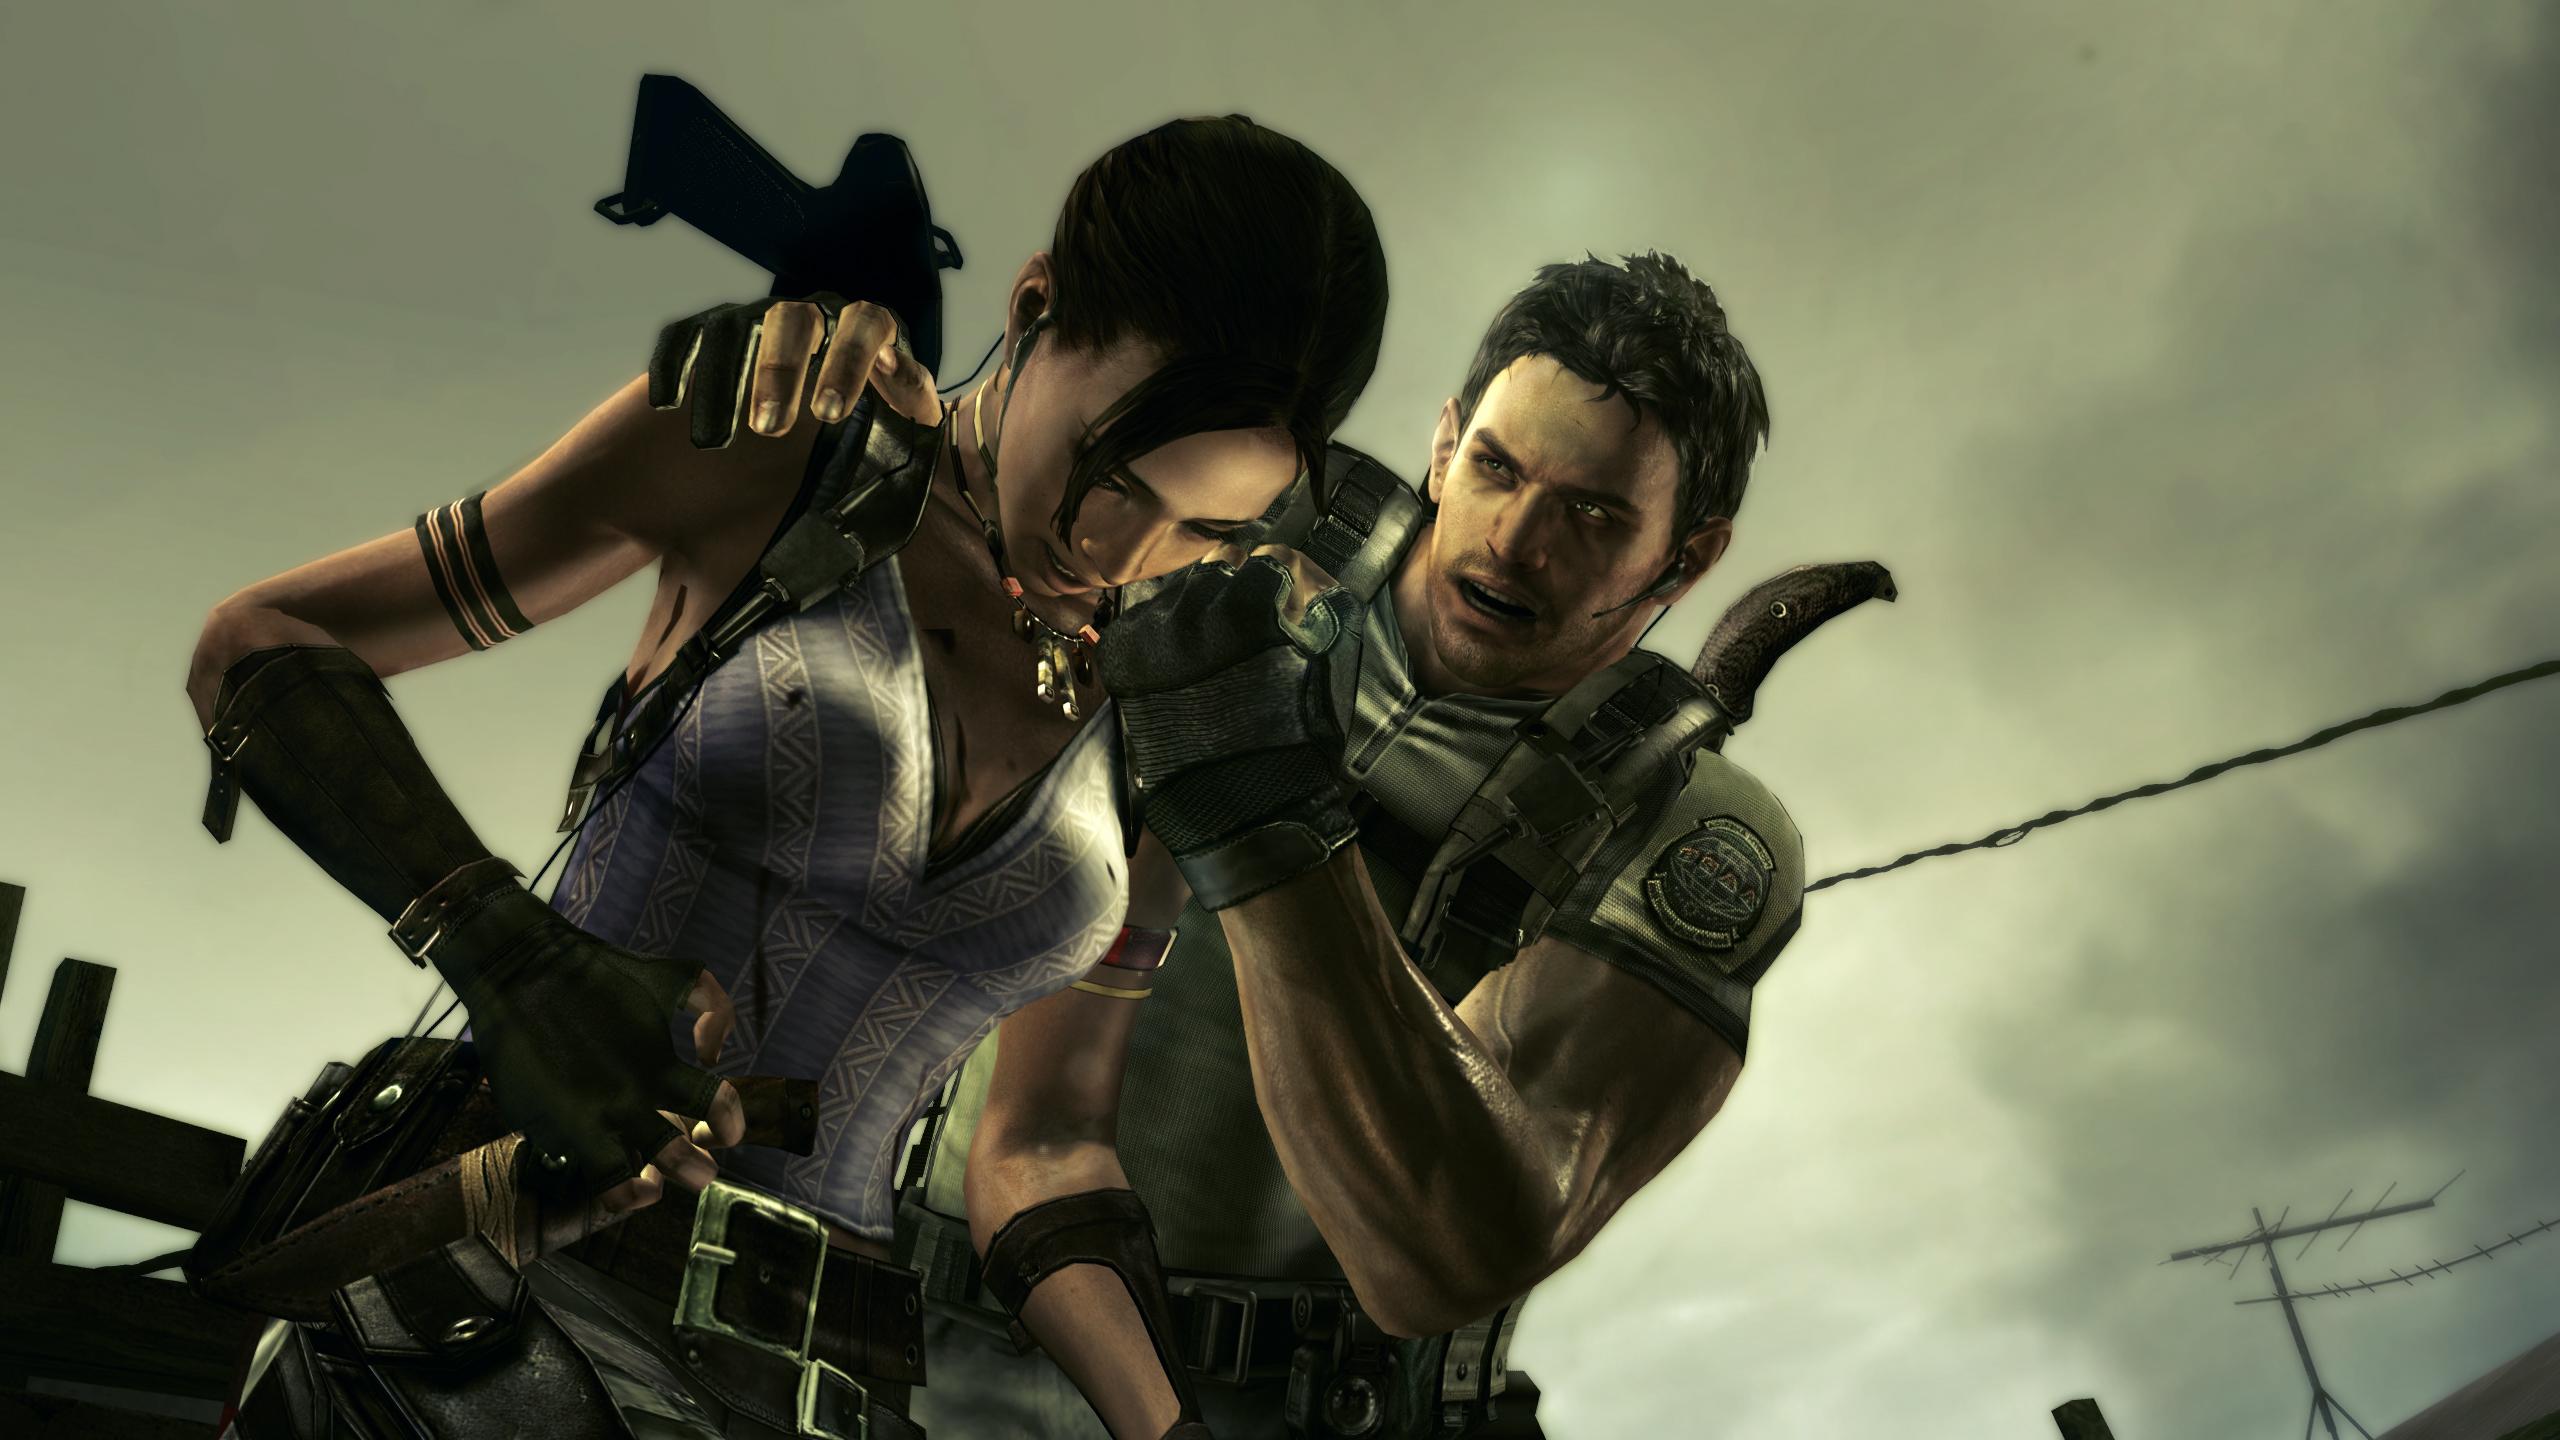 File:Resident-evil-5-screenshot-co-op-heal-assist-500x281.jpg